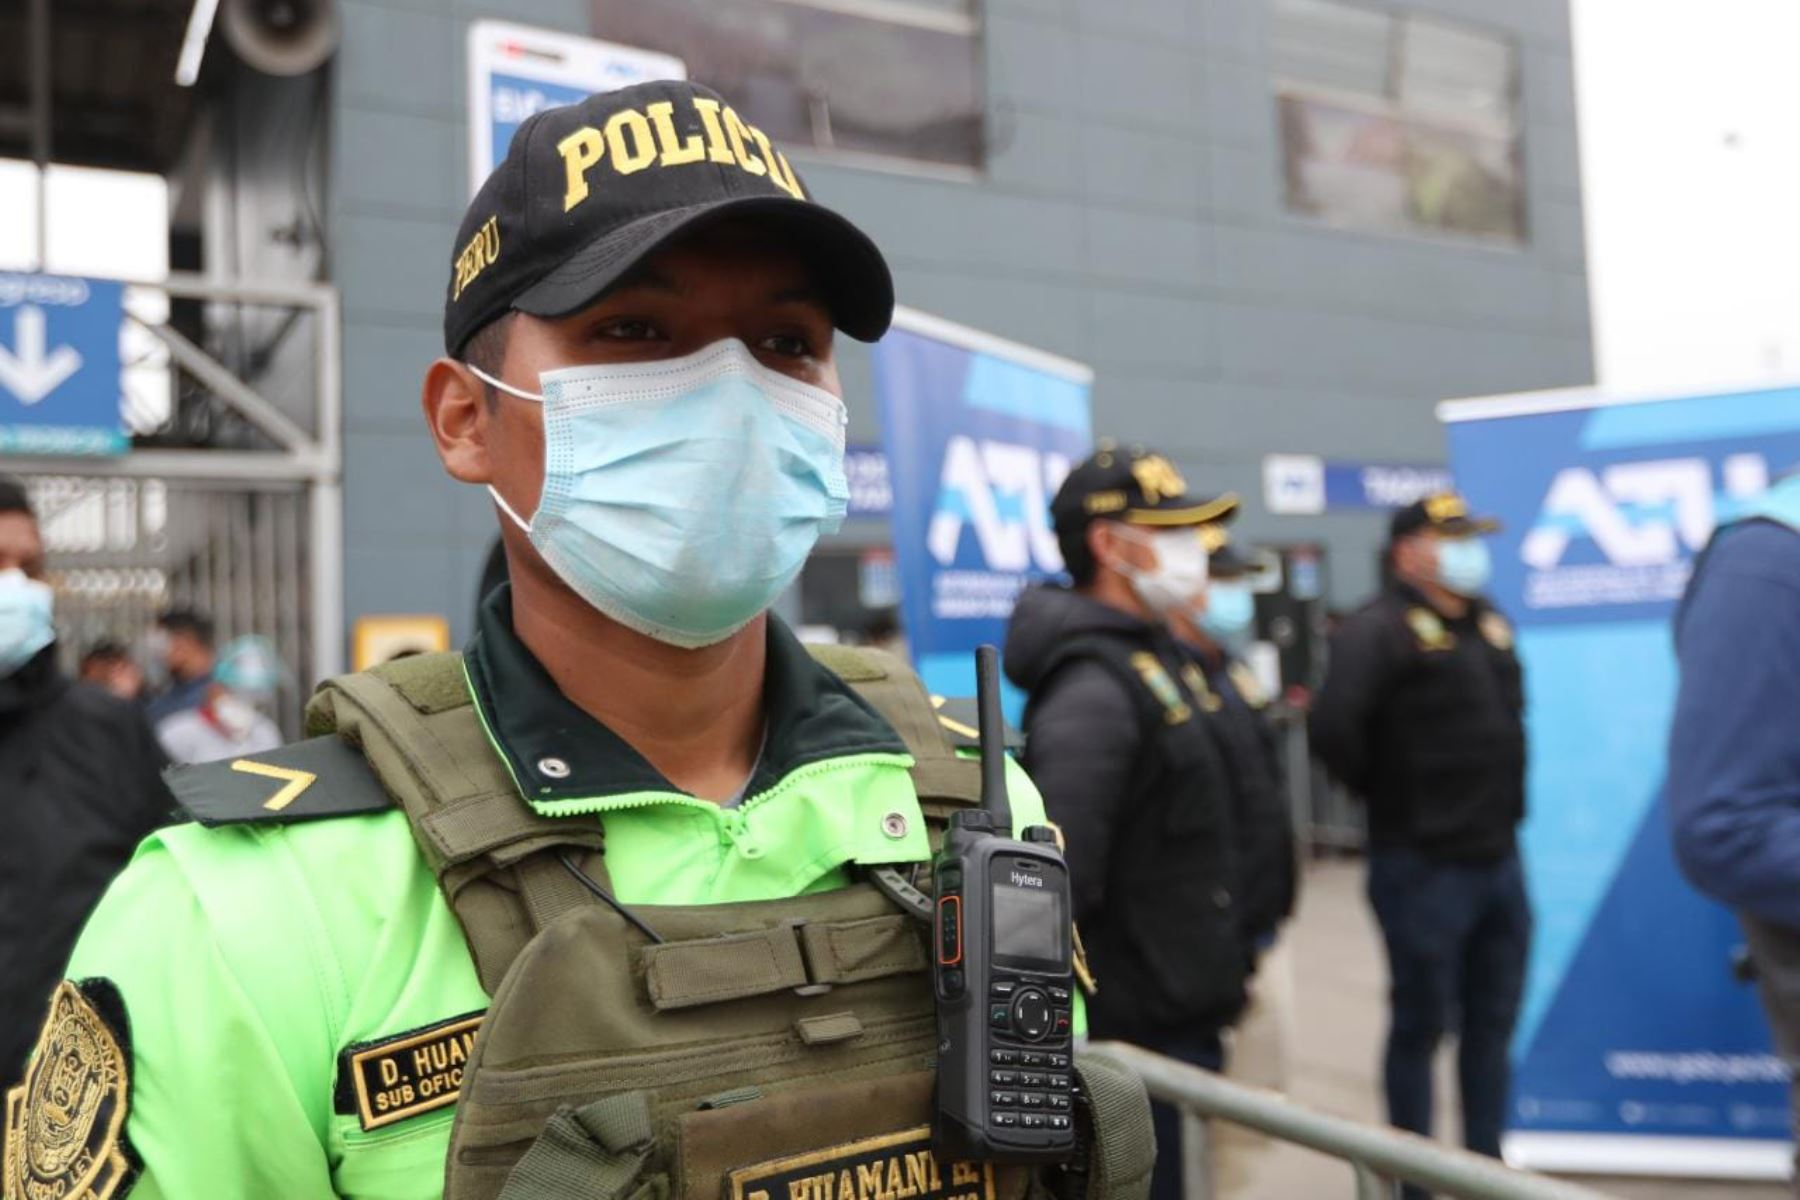 La presidenta de la ATU, Maria Jara, entregó tarjetas de pase libre del Metropolitano para que los miembros terna de la Policía nacional ingresen a las estaciones y terminales a fin de seguir reforzando la seguridad de nuestros usuarios. Foto: ATU